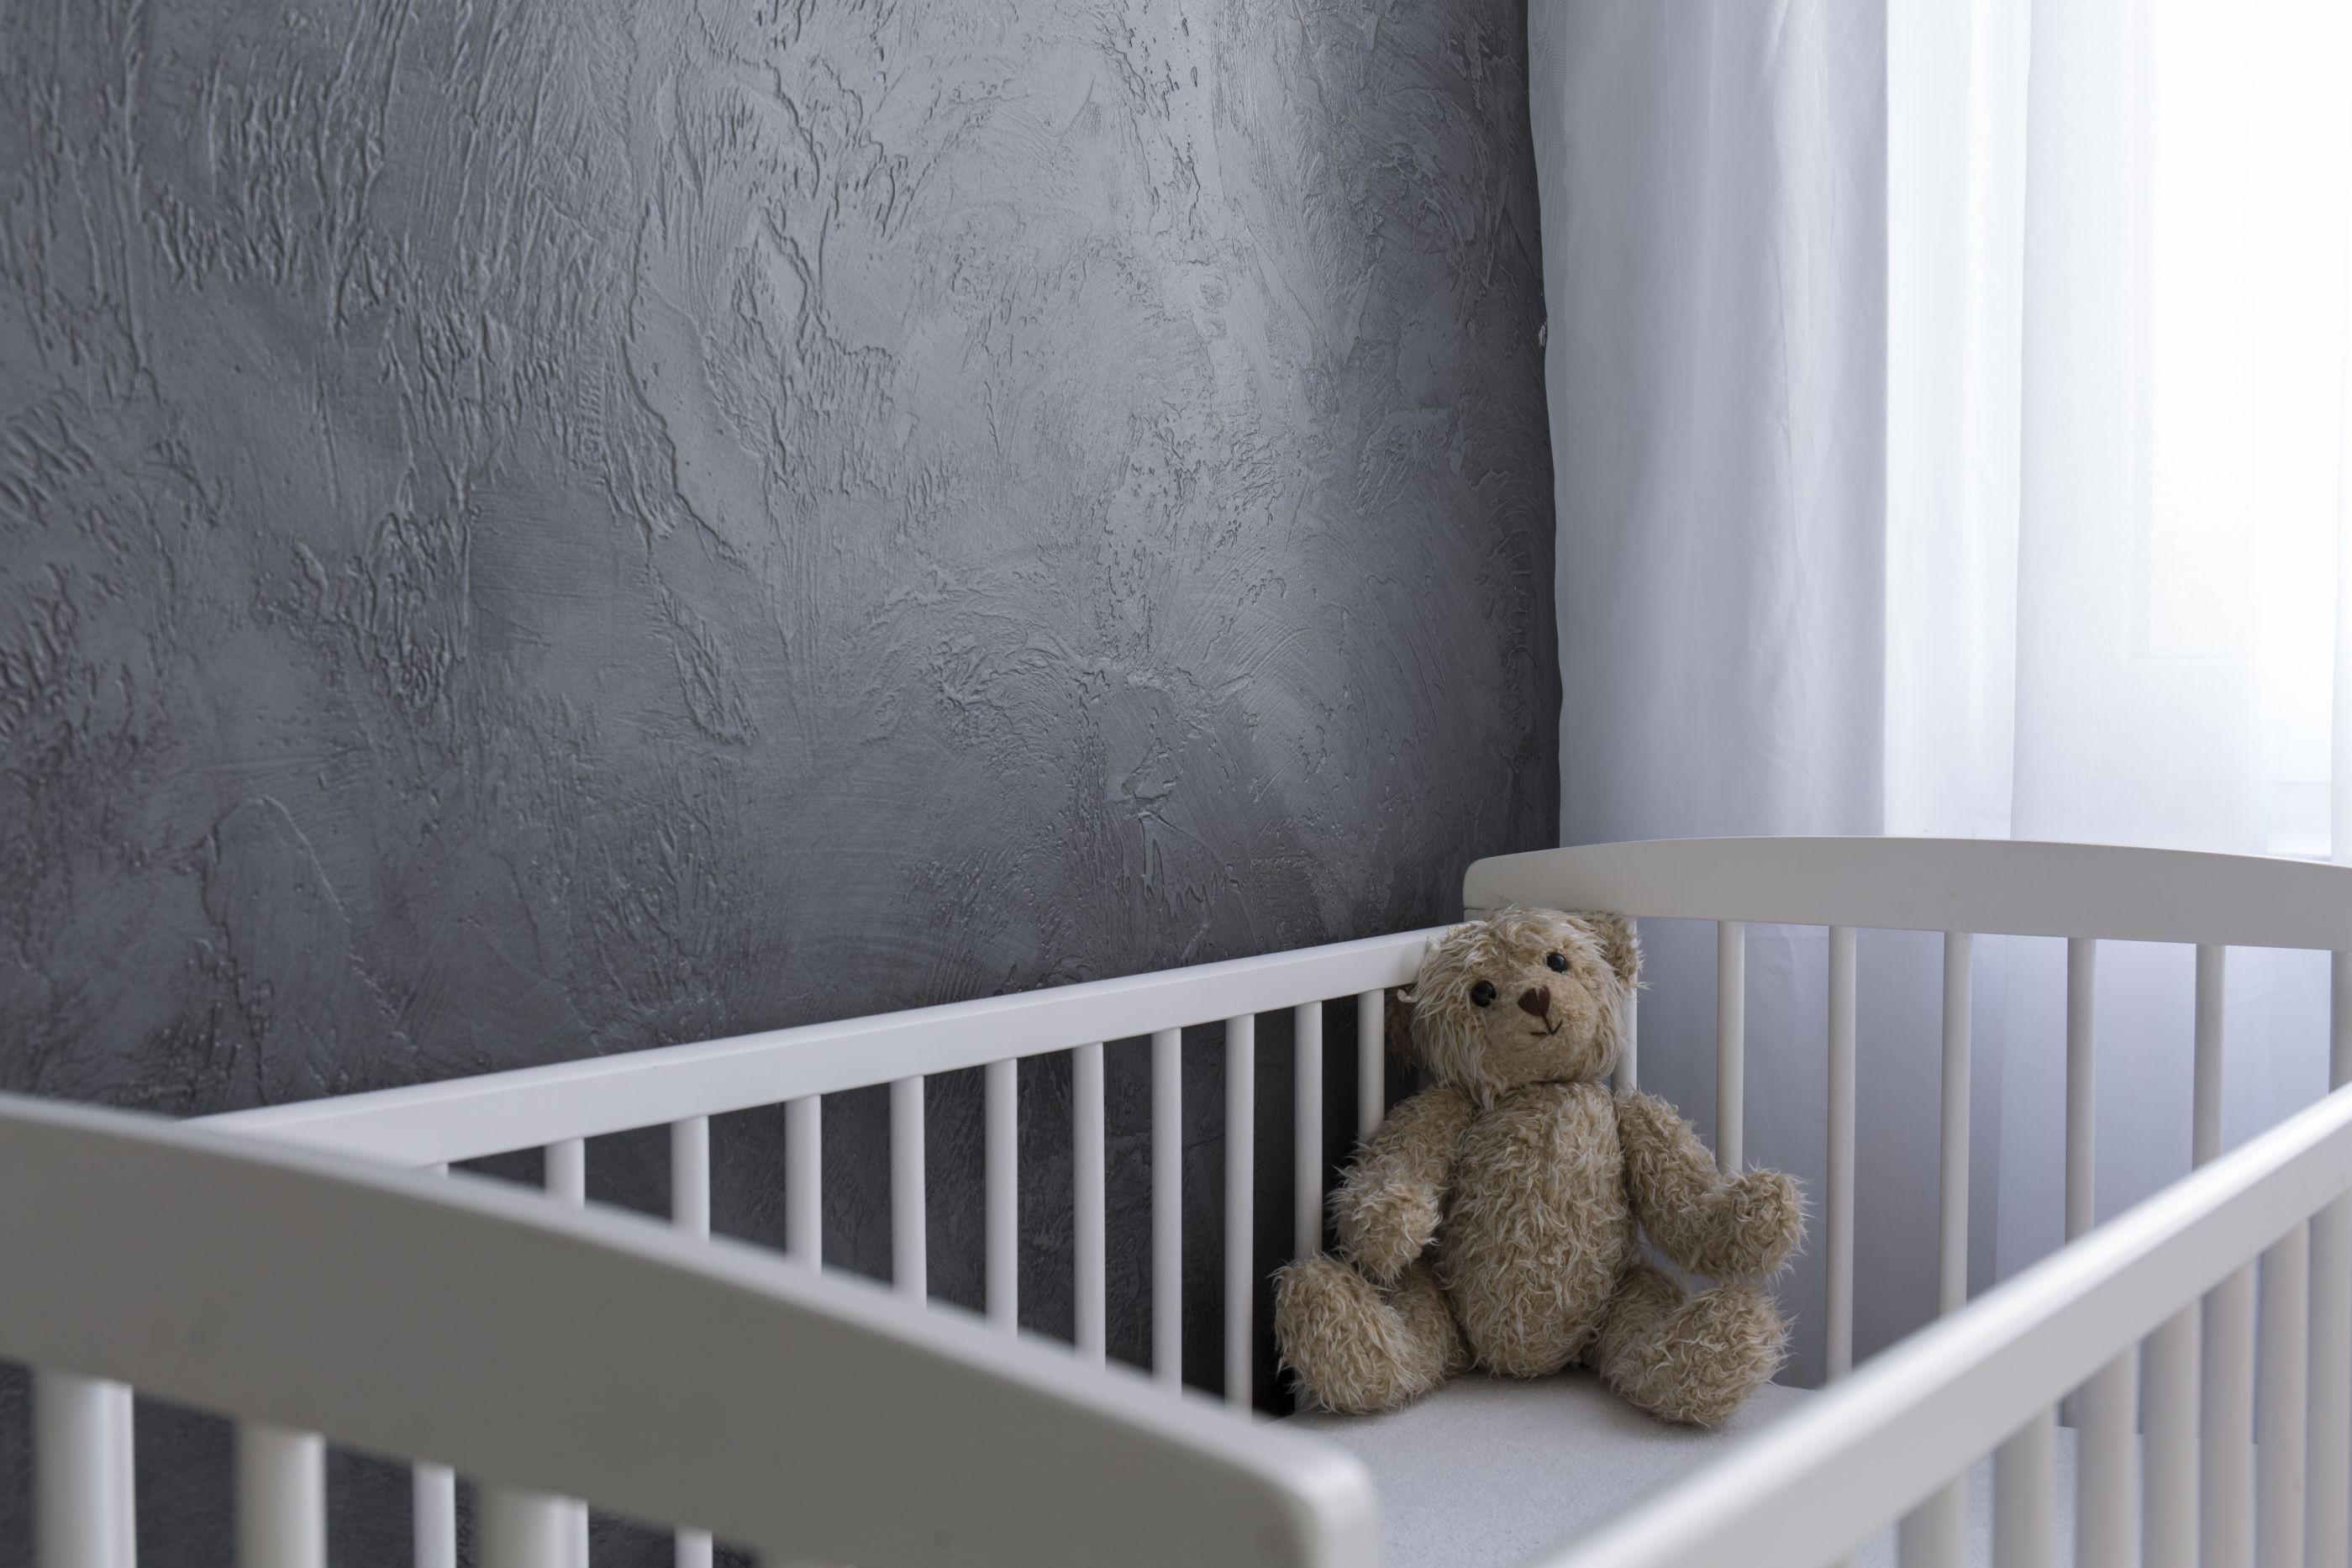 Maioria das gestações resulta em aborto espontâneo, diz pesquisa